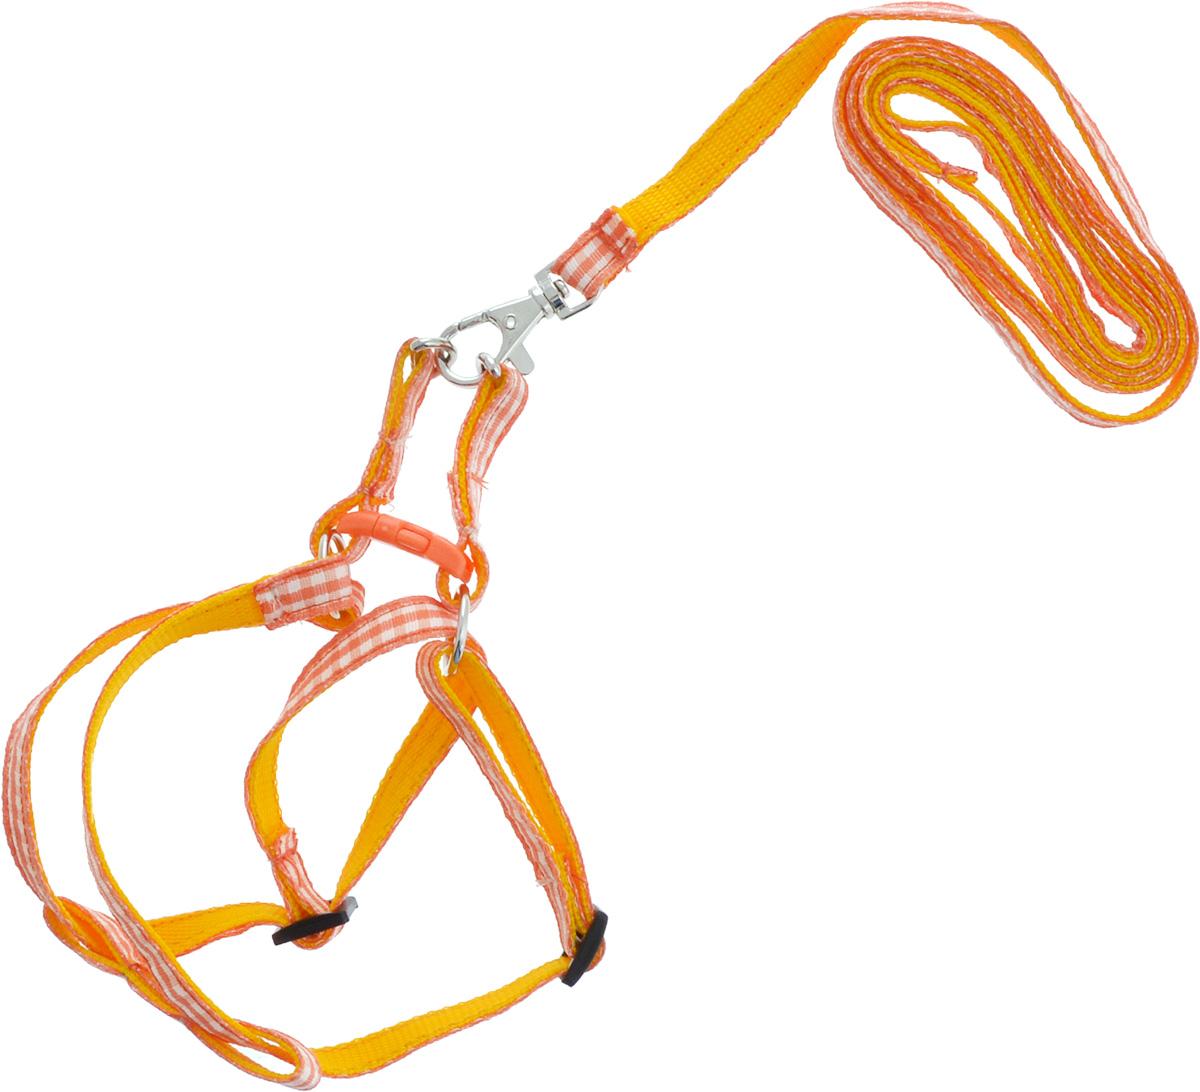 Комплект для собак GLG Клетка: шлейка, поводок, цвет: оранжевый, 2 предметаOH06Комплект для собак GLG Клетка изготовлена из высококачественного нейлона, подходит для собак малых и средних размеров. В комплект входит шлейка и поводок. Крепкие металлические и пластиковые элементы делают ее надежной и долговечной. Изделие оснащено светоотражающими полосами.Шлейка - это альтернатива ошейнику. Правильно подобранная шлейка не стесняет движения питомца, не натирает кожу, поэтому животное чувствует себя в ней уверенно и комфортно. Поводок - необходимый аксессуар для собаки. Ведь в опасных ситуациях именно он способен спасти жизнь вашему любимому питомцу. Изделия отличаются высоким качеством, удобством и универсальностью.Размер регулируется при помощи пряжки. Уважаемые клиенты! Обращаем ваше внимание на цветовой ассортимент материала на внутренней стороне изделия. Поставка осуществляется в зависимости от наличия на складе.